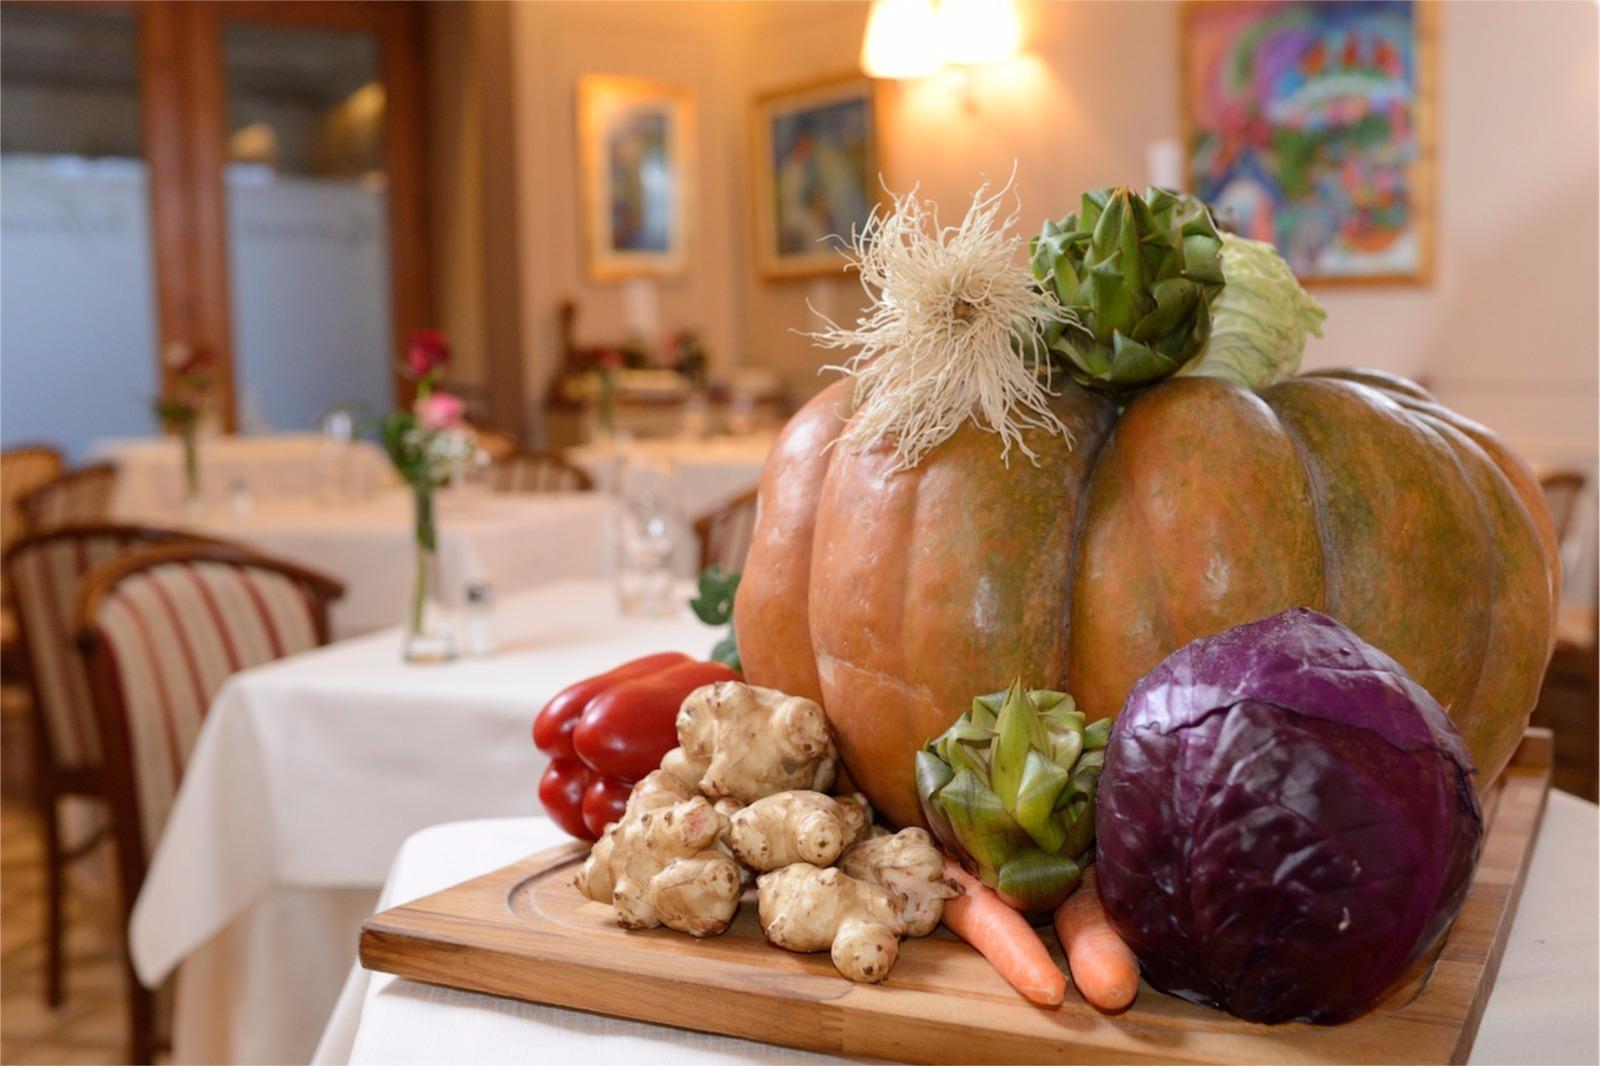 La bagna ca da ristorante solferino cucina piemontese - Ristorante bagna cauda torino ...